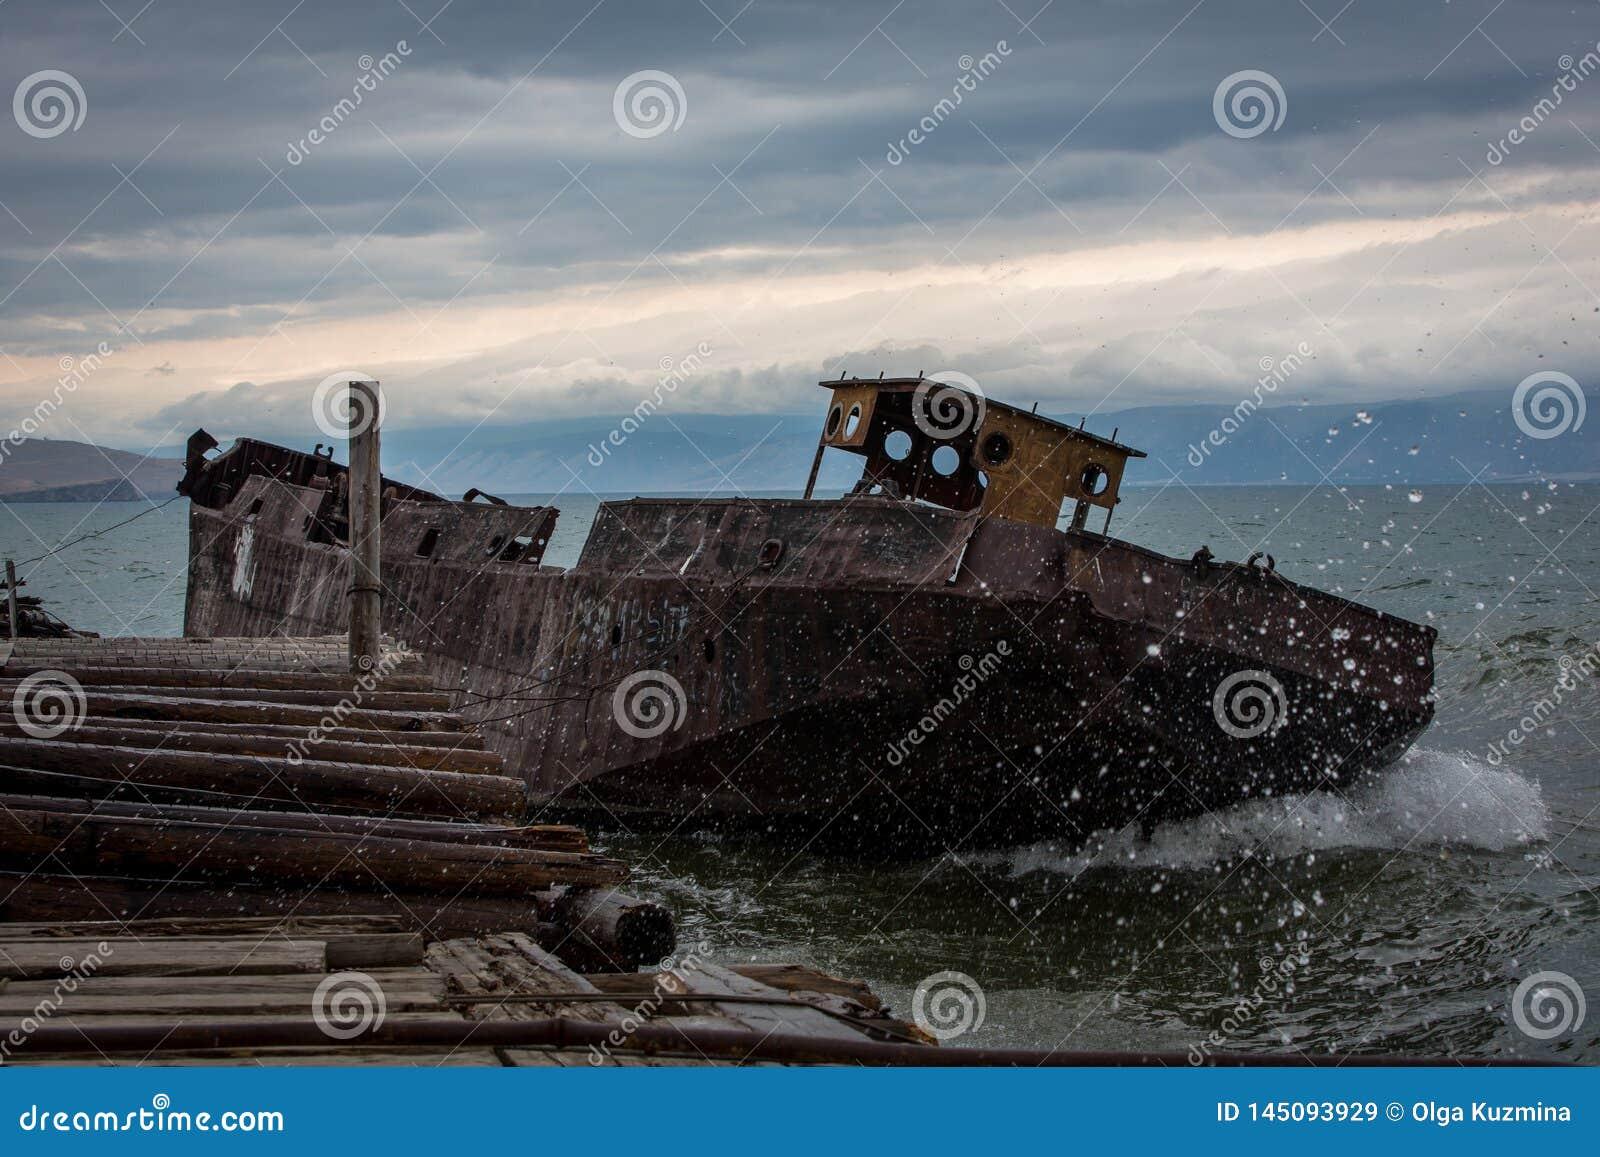 Nave vieja, oxidada cerca del embarcadero Las ondas grandes inundan la cubierta Tarde nublada del verano